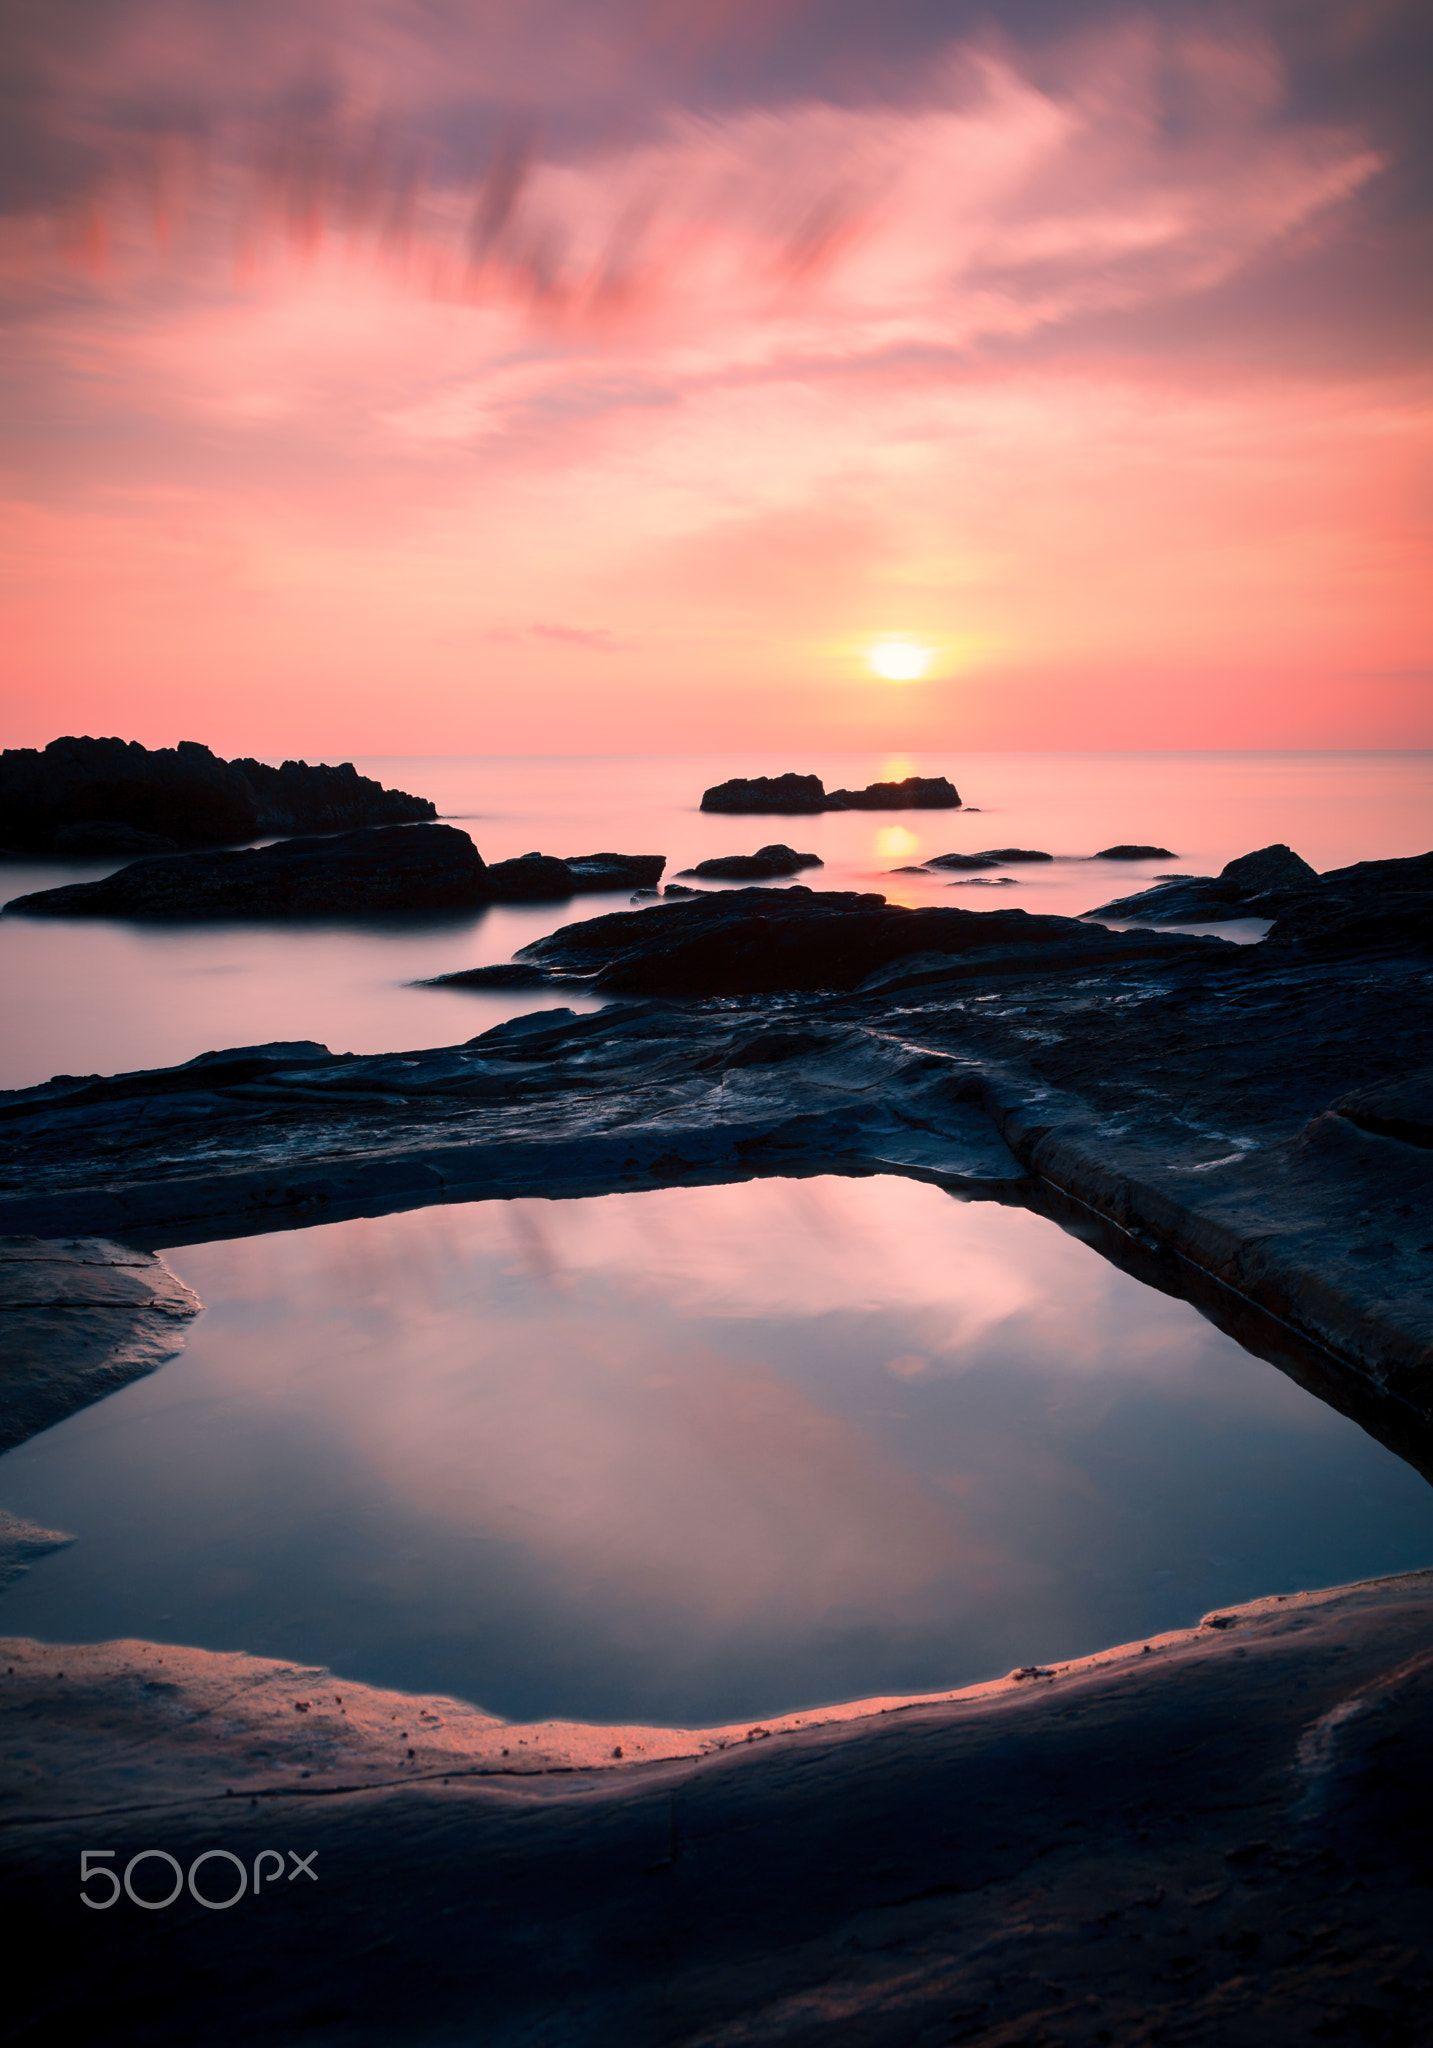 Koh Lanta Koh lanta, Sunrise sunset, Sunrise